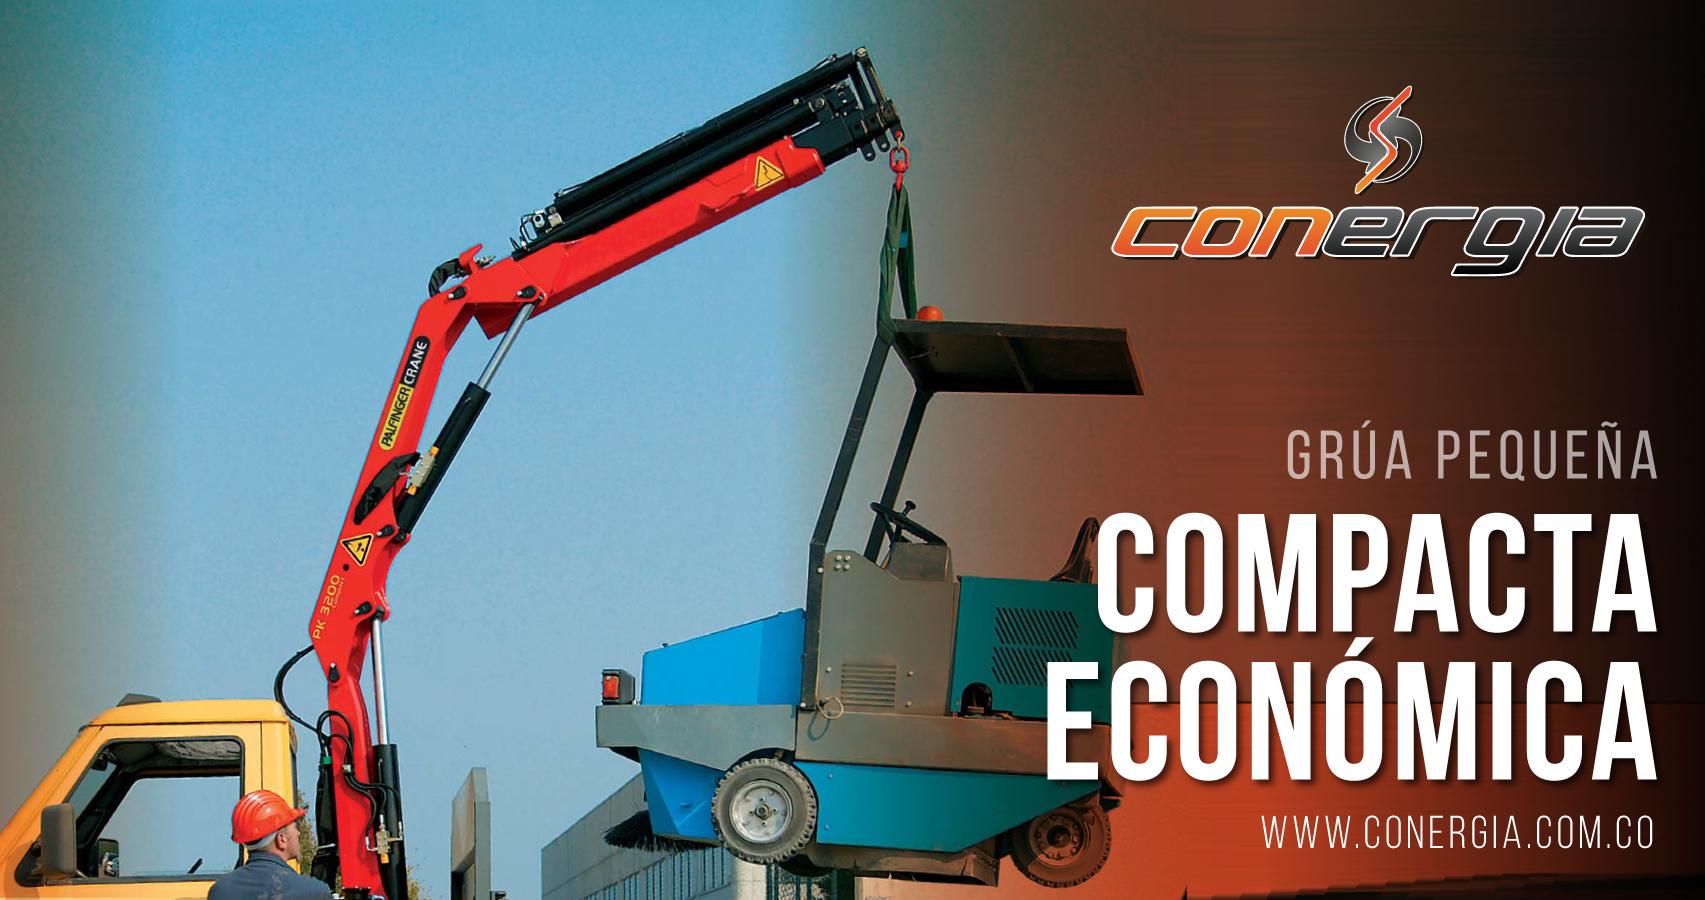 grua palfinger economica compacta